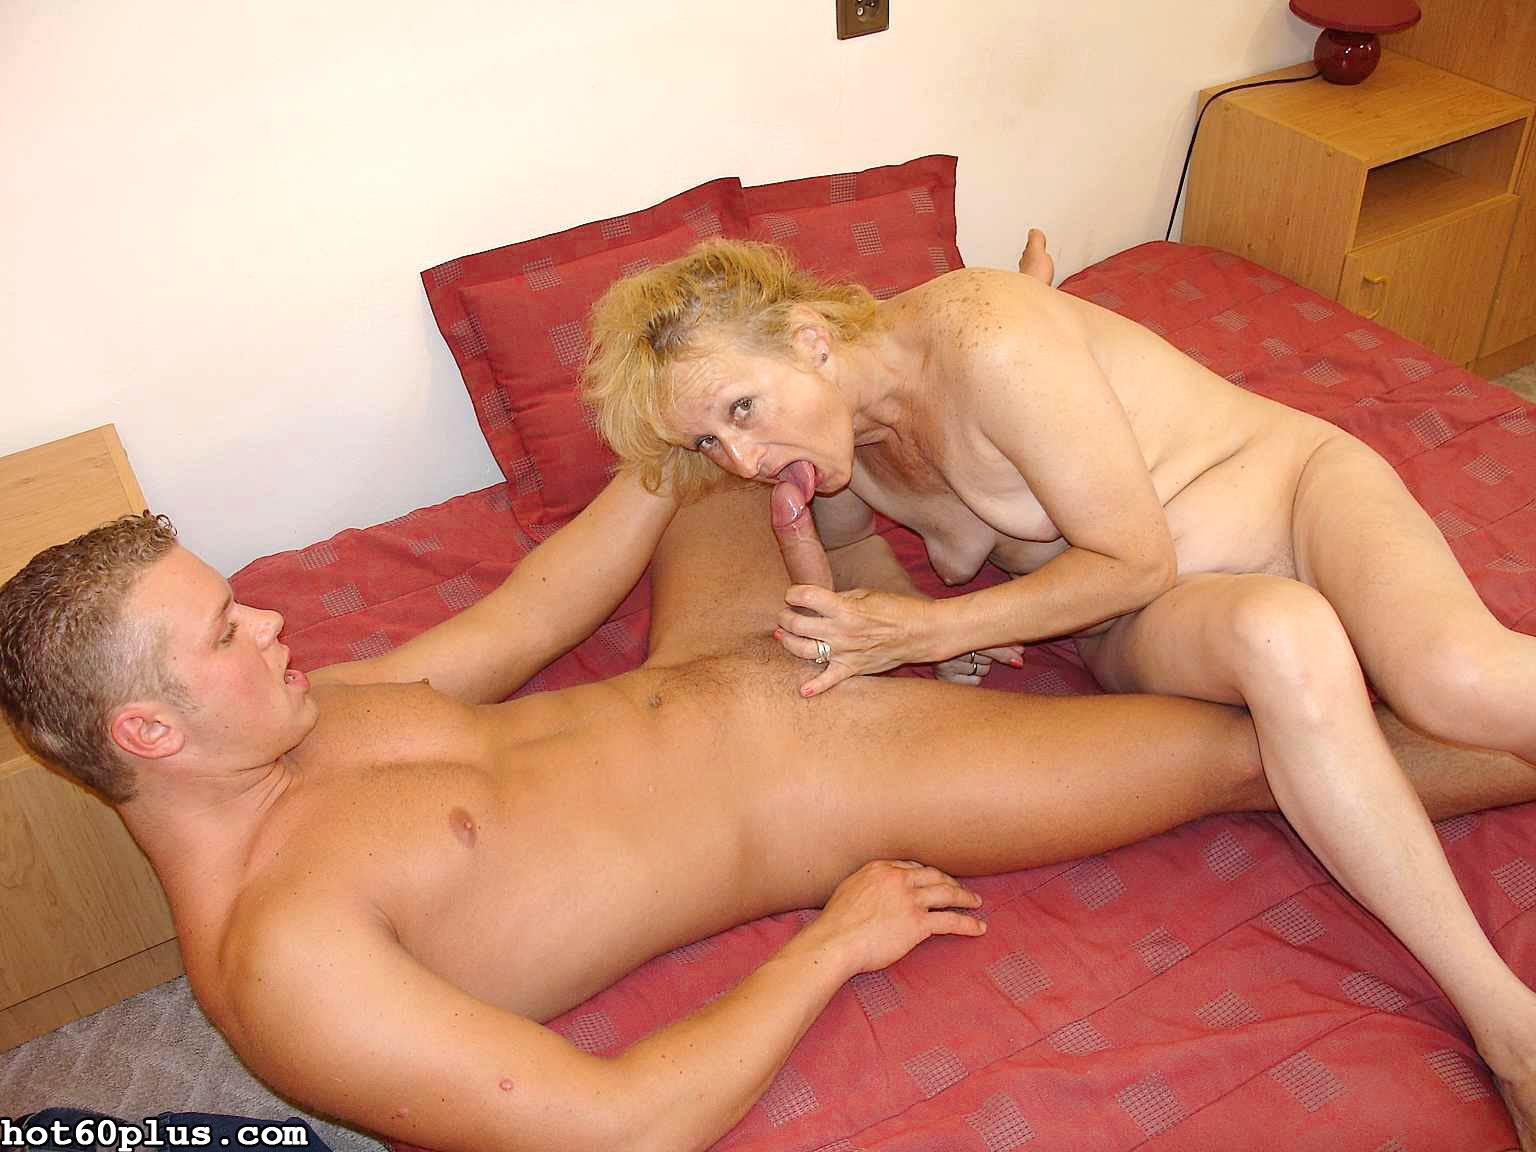 Снимки про инцест с матушкой. Фото - 11